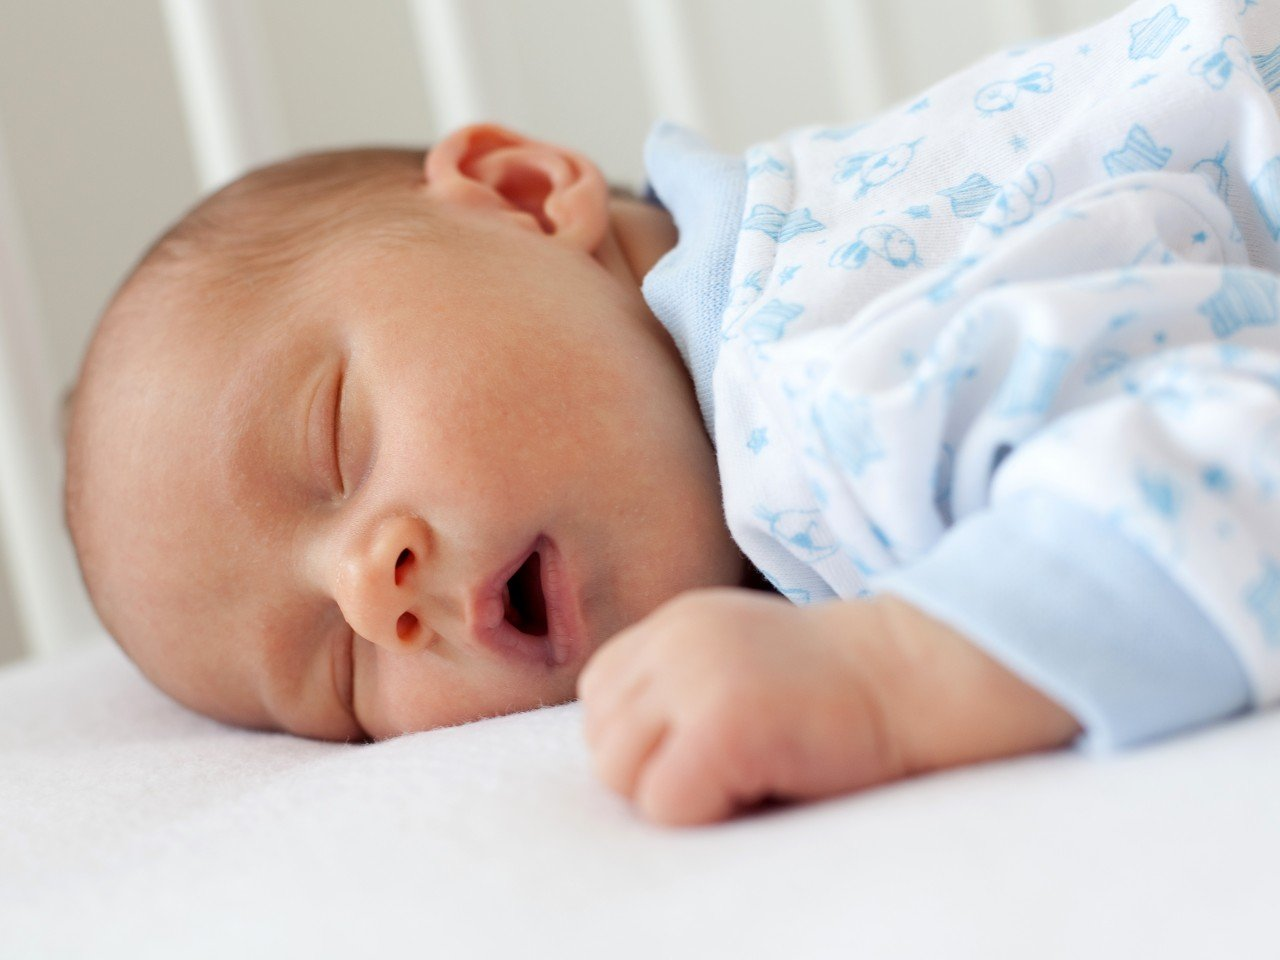 Сон крохи – всегда предмет для беспокойства родителей